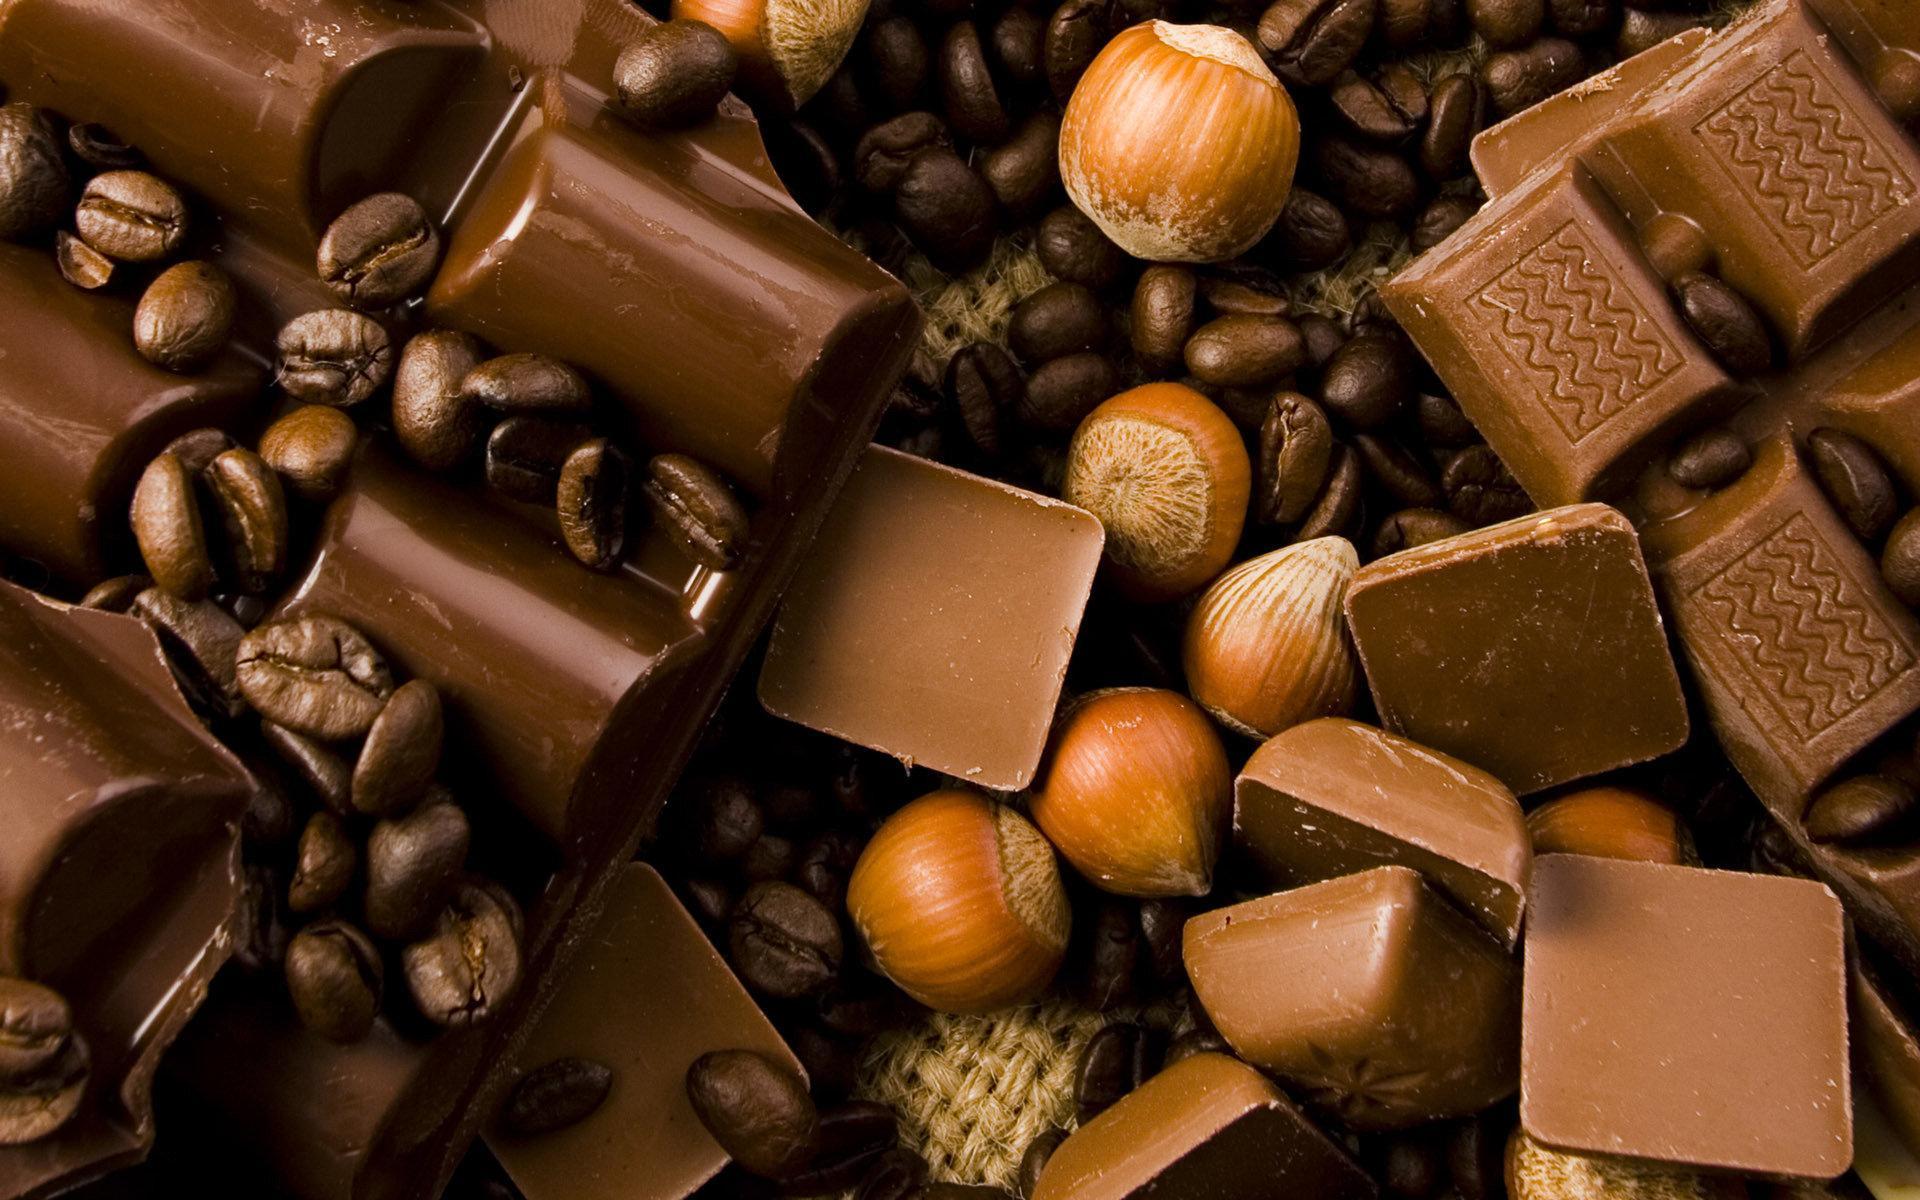 Fondos De Pantalla De Chocolates: Chocolate Wallpaper HD Download